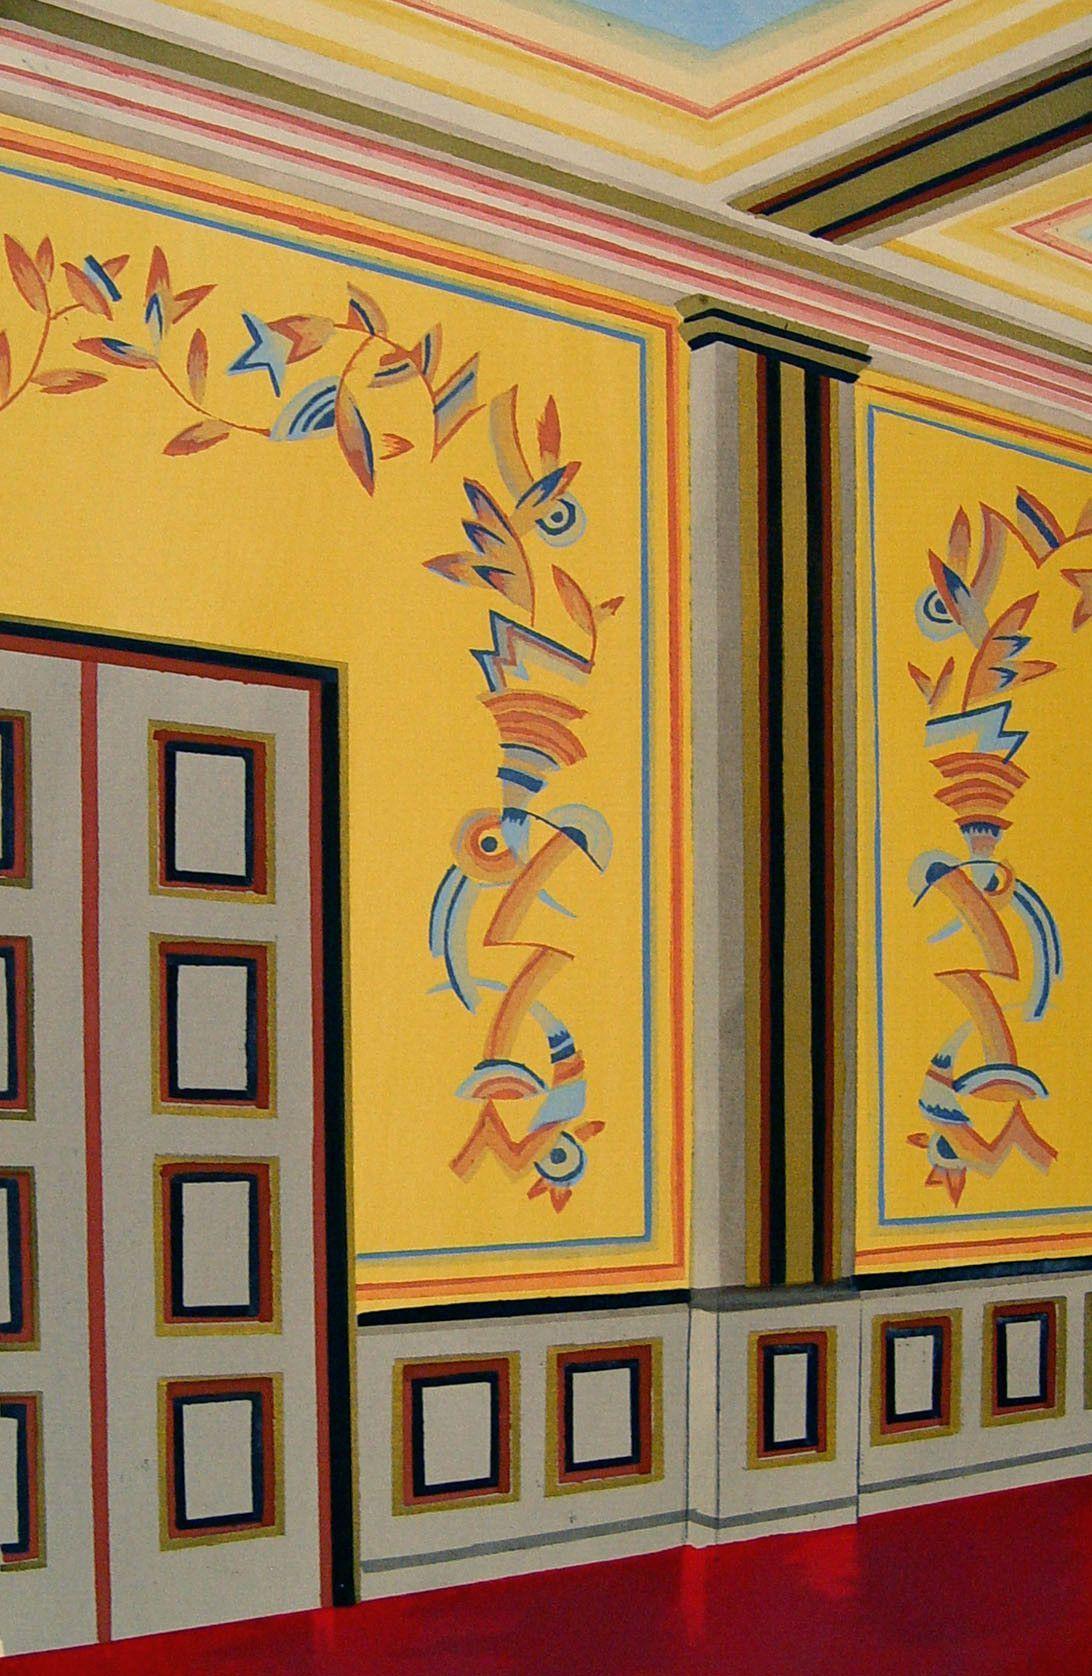 Art Deco Interior Pochoir, 1929 | Deco interiors, Interior walls and ...